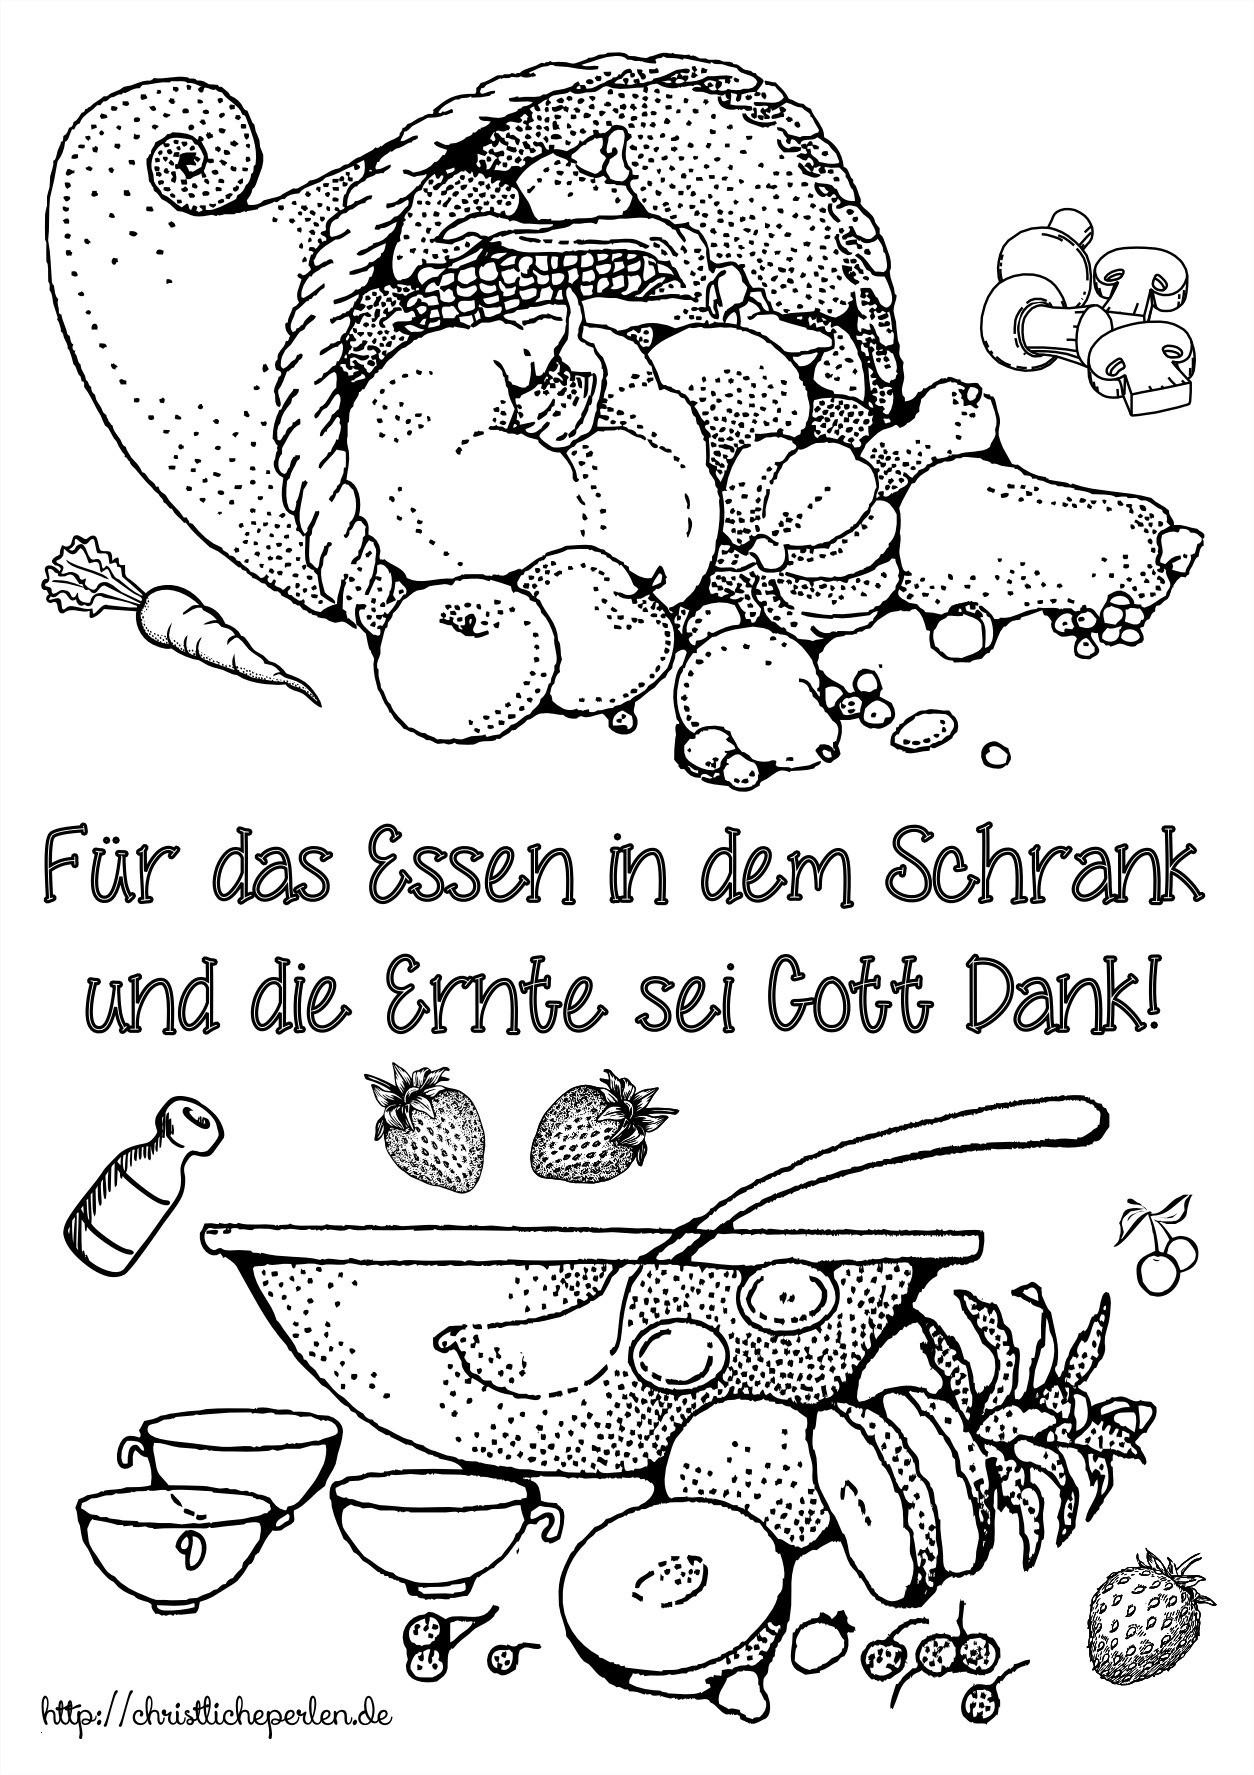 Osterhasen Bilder Kostenlos Das Beste Von Malvorlagen Igel Best Igel Grundschule 0d Archives Uploadertalk Sammlung